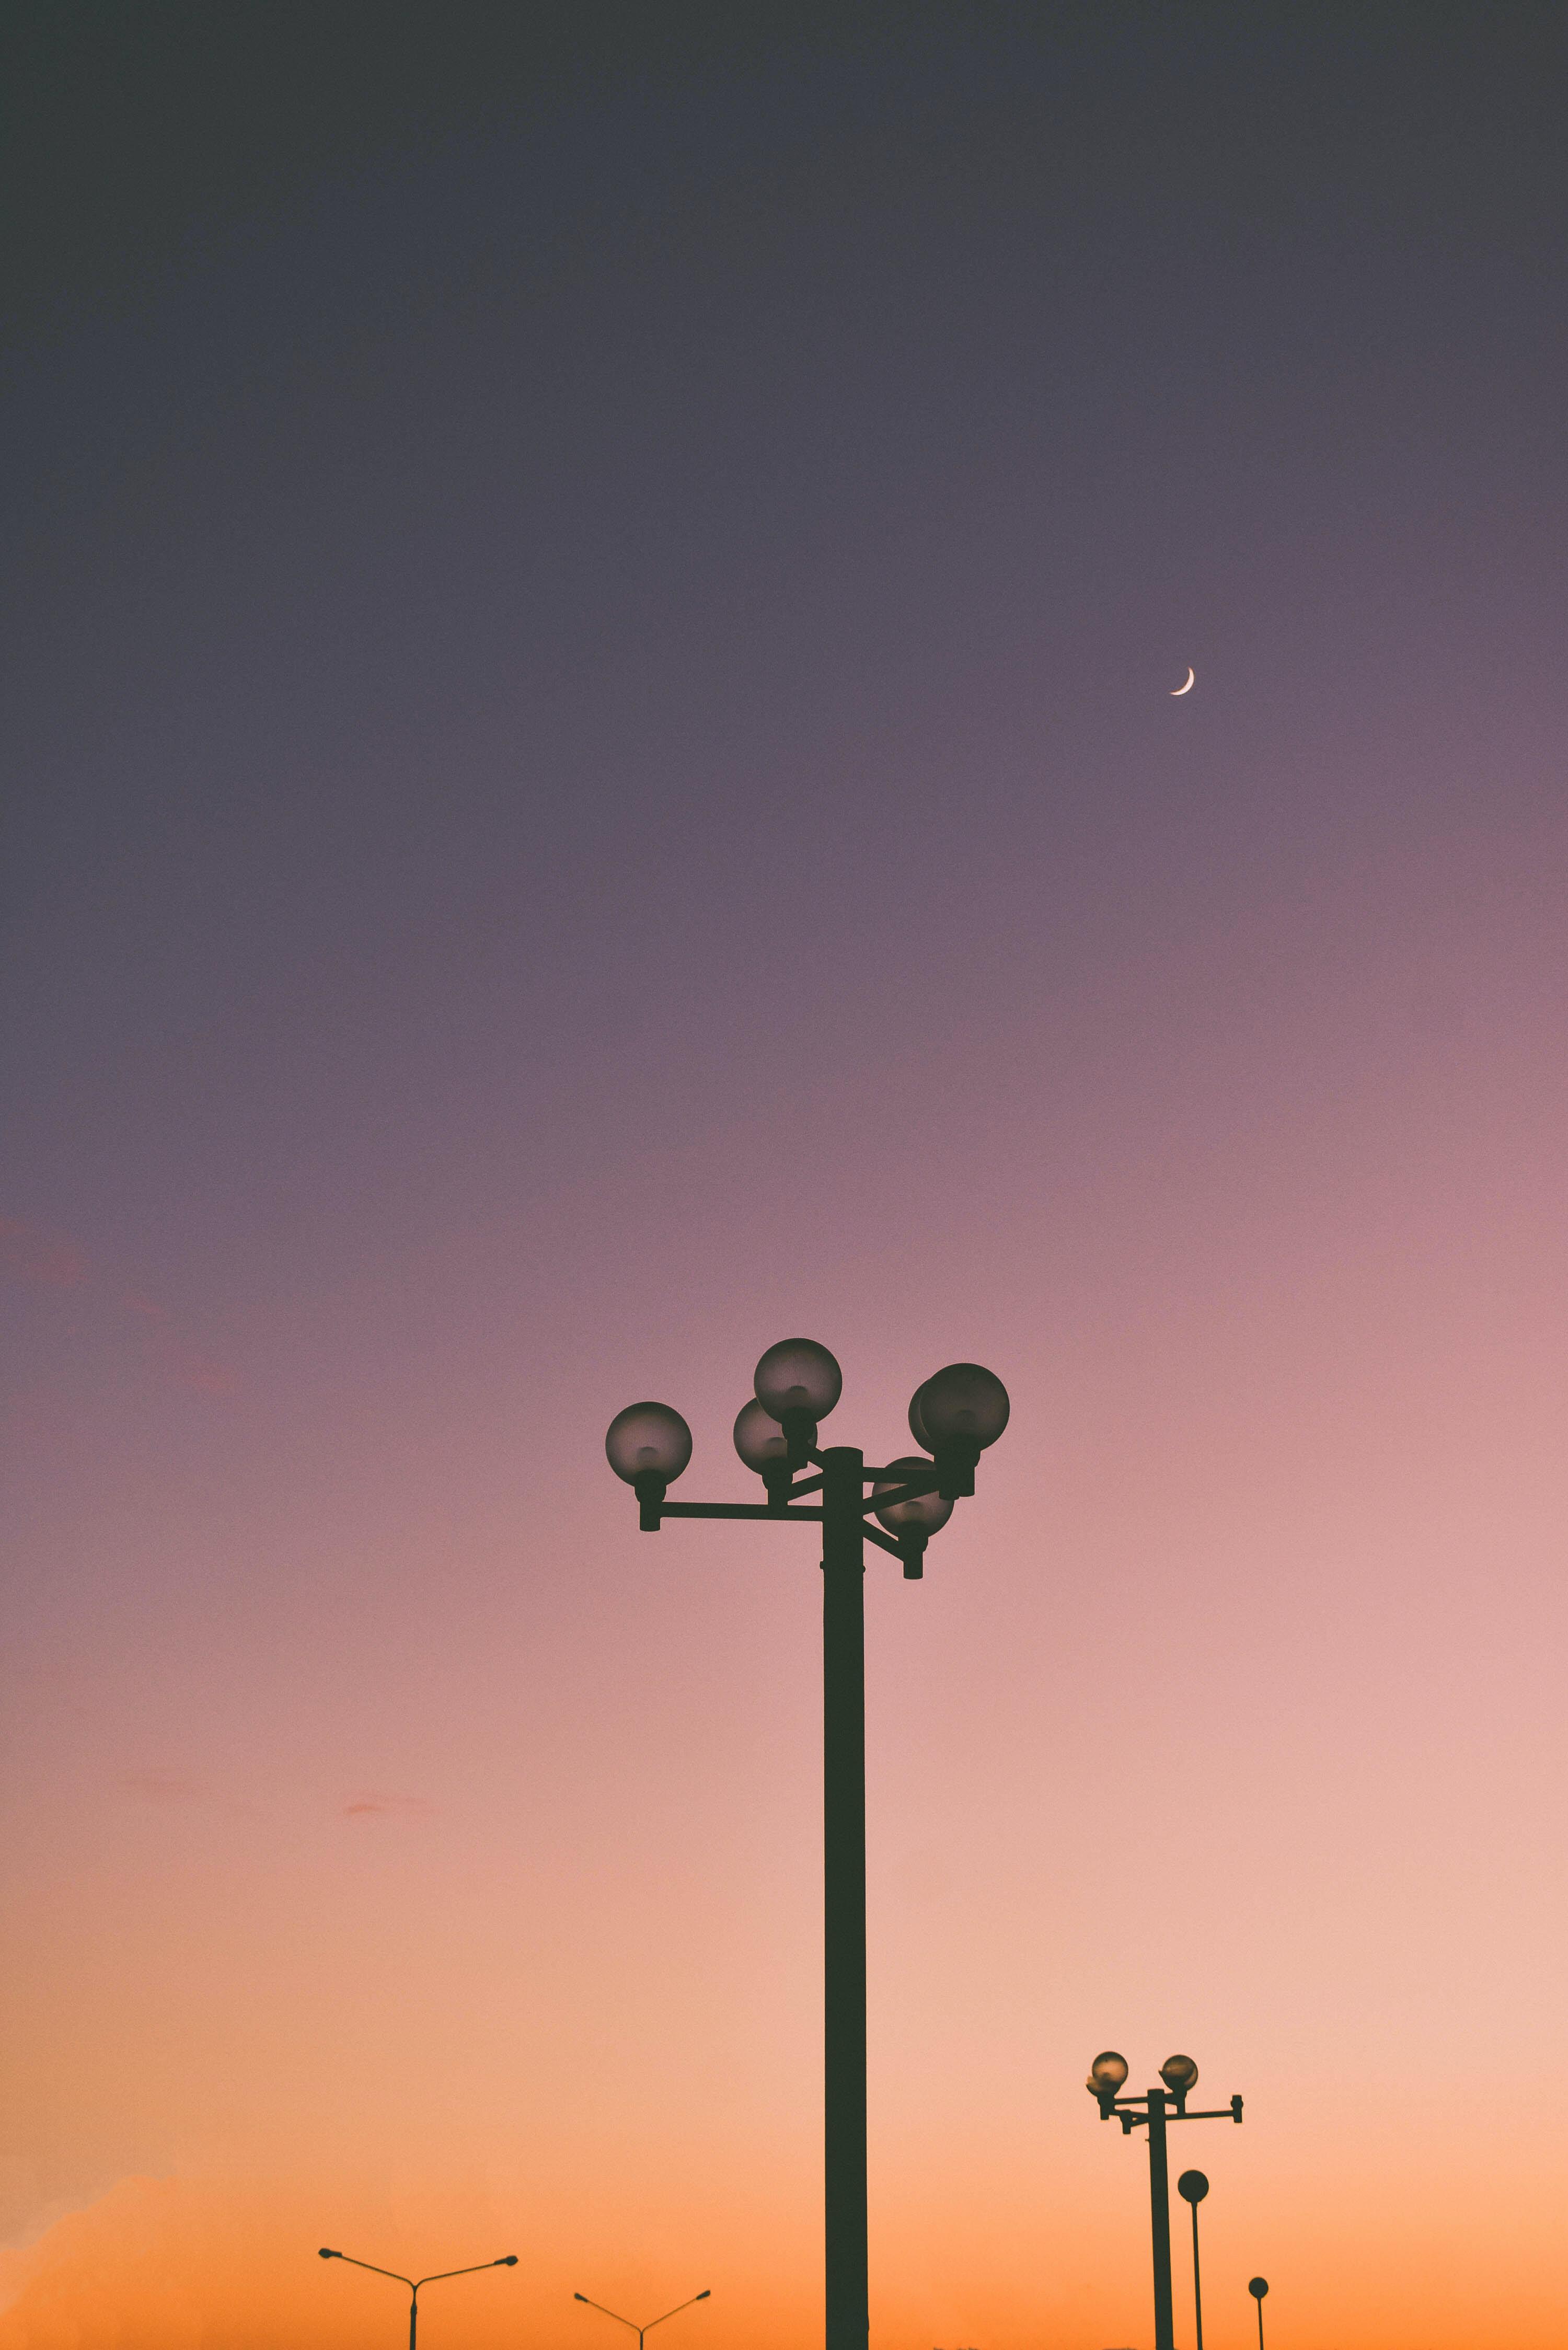 gray street light during golden hour